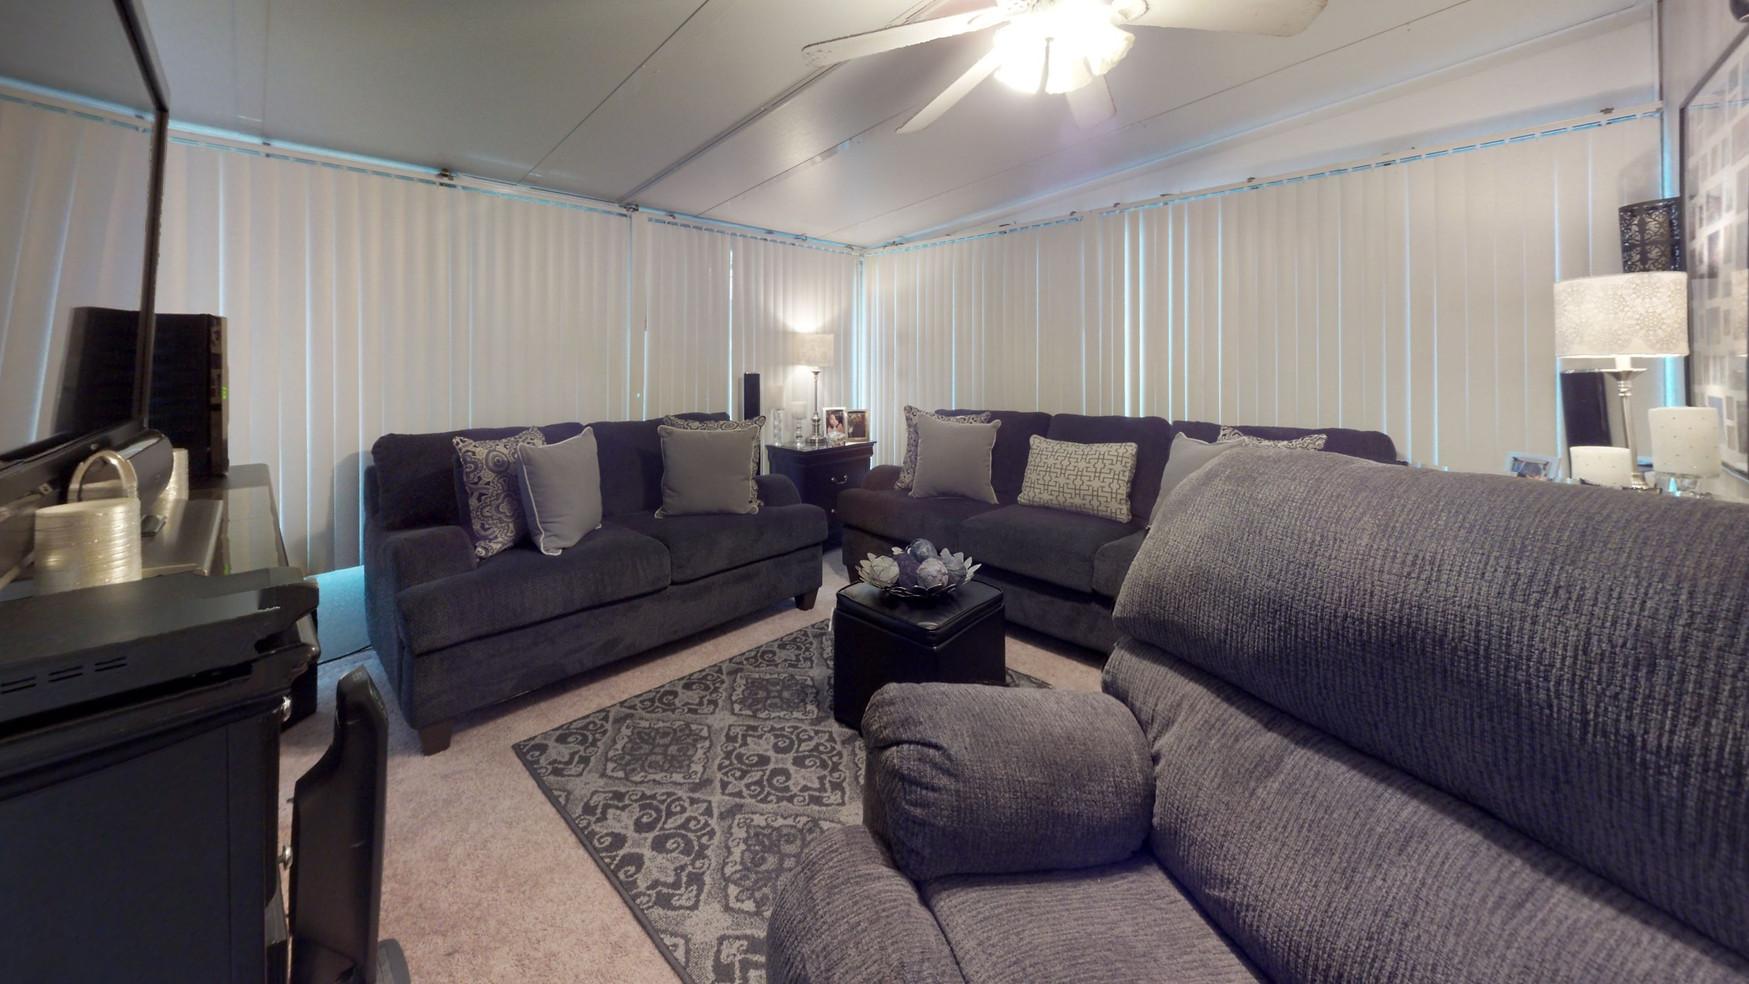 Gant-St-Living-Room-2.jpg